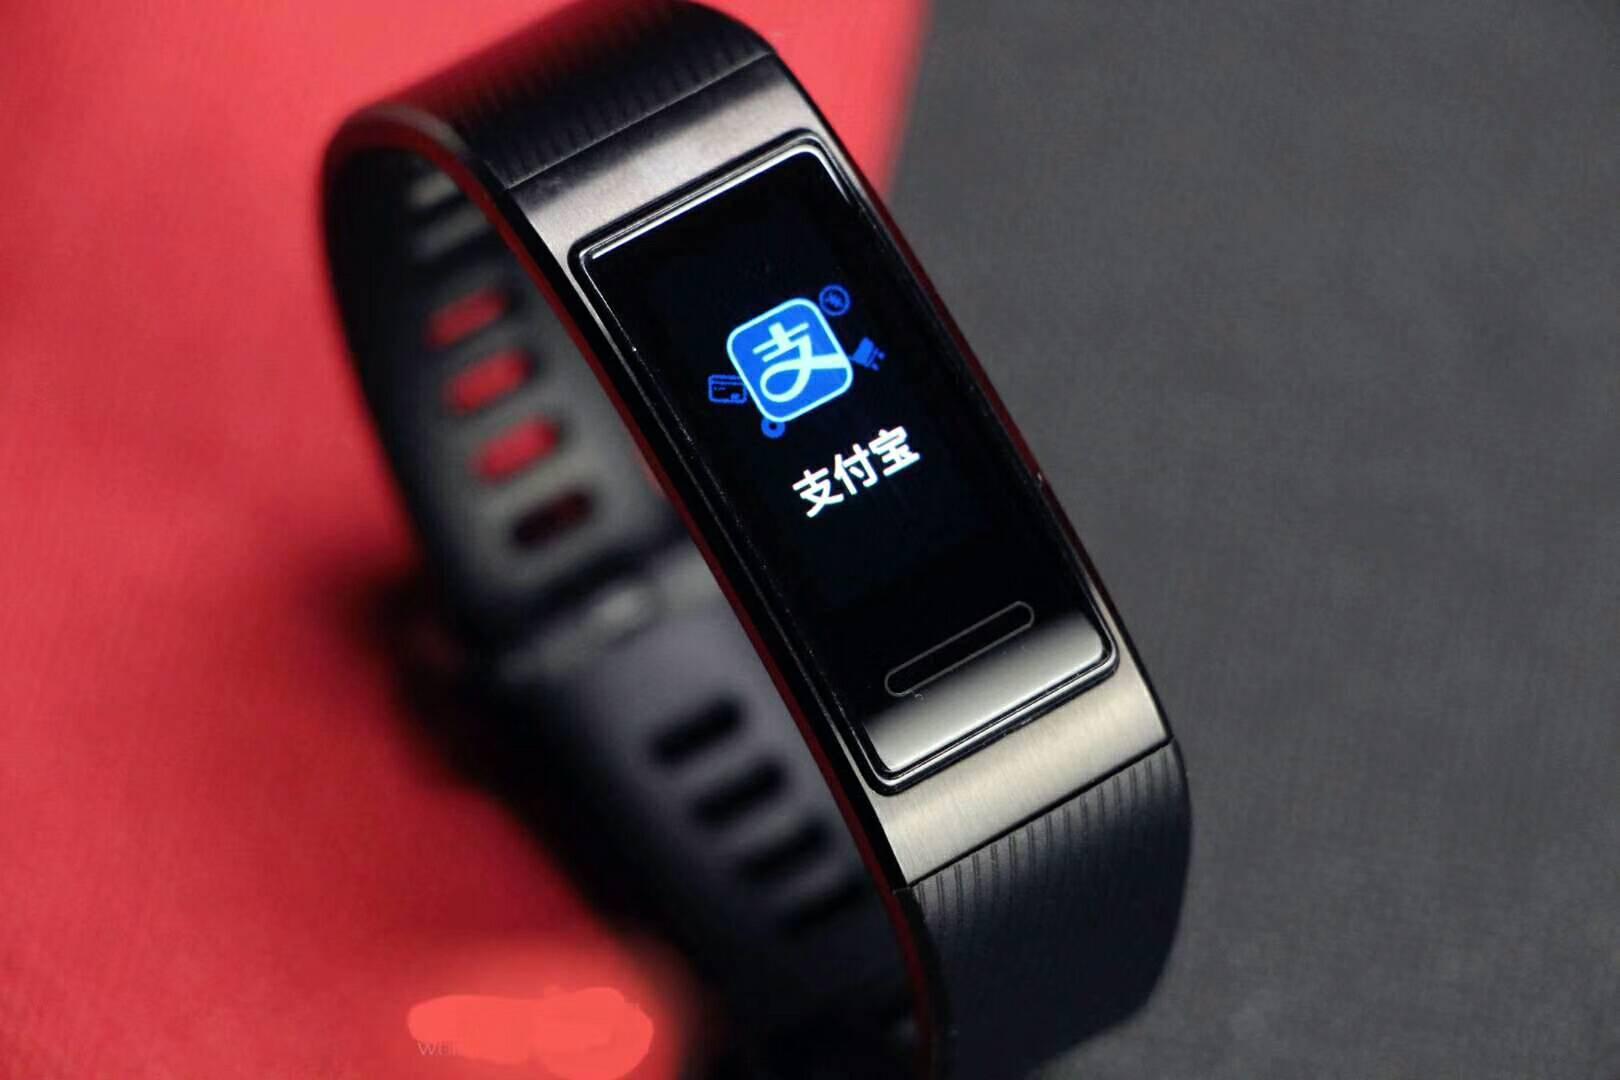 智能手环/手表支持支付宝免密支付开发方案